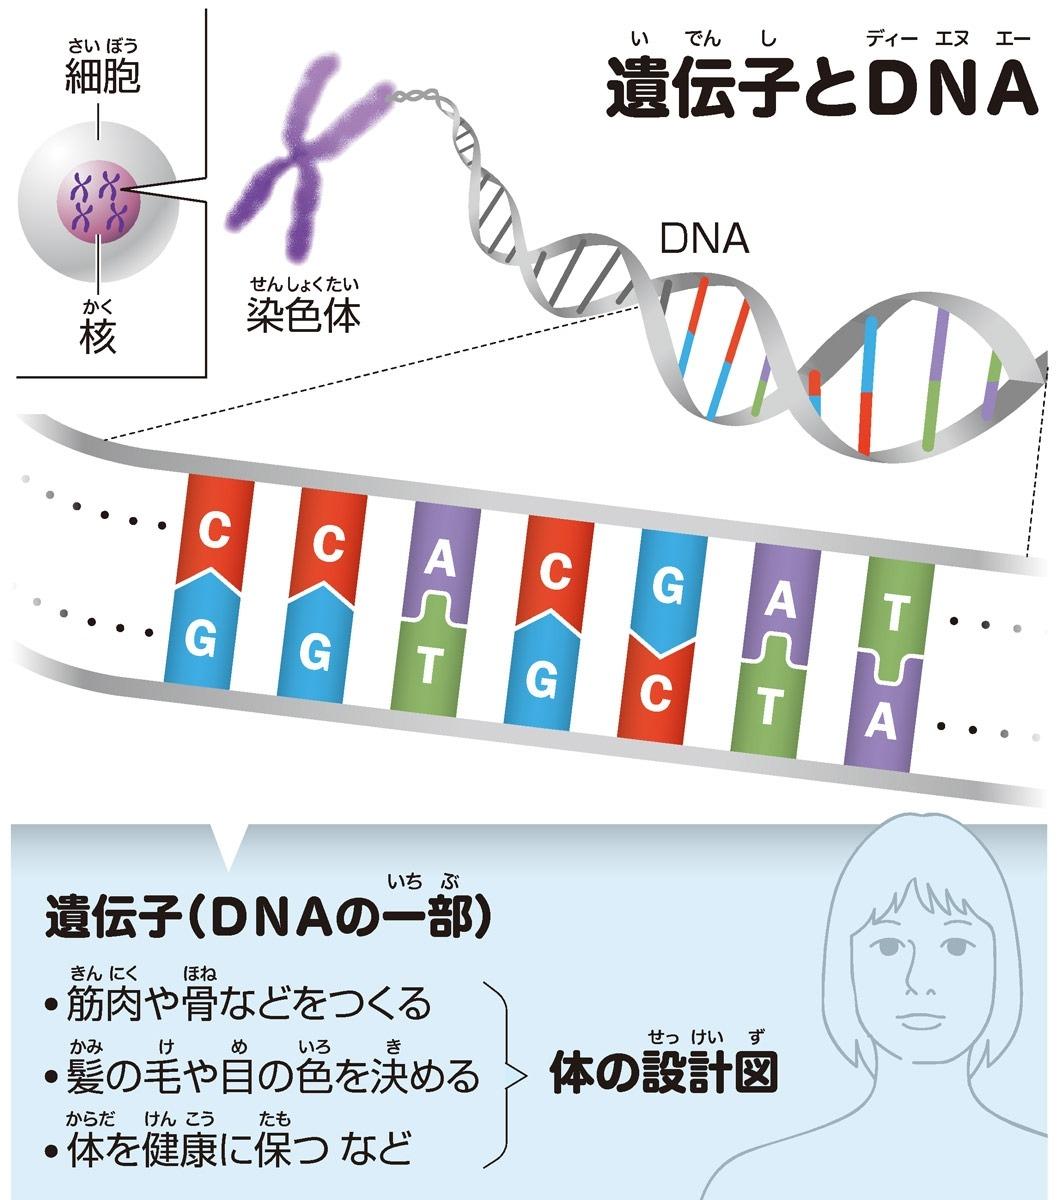 遺伝子(いでんし)とDNA(ディーエヌエー)